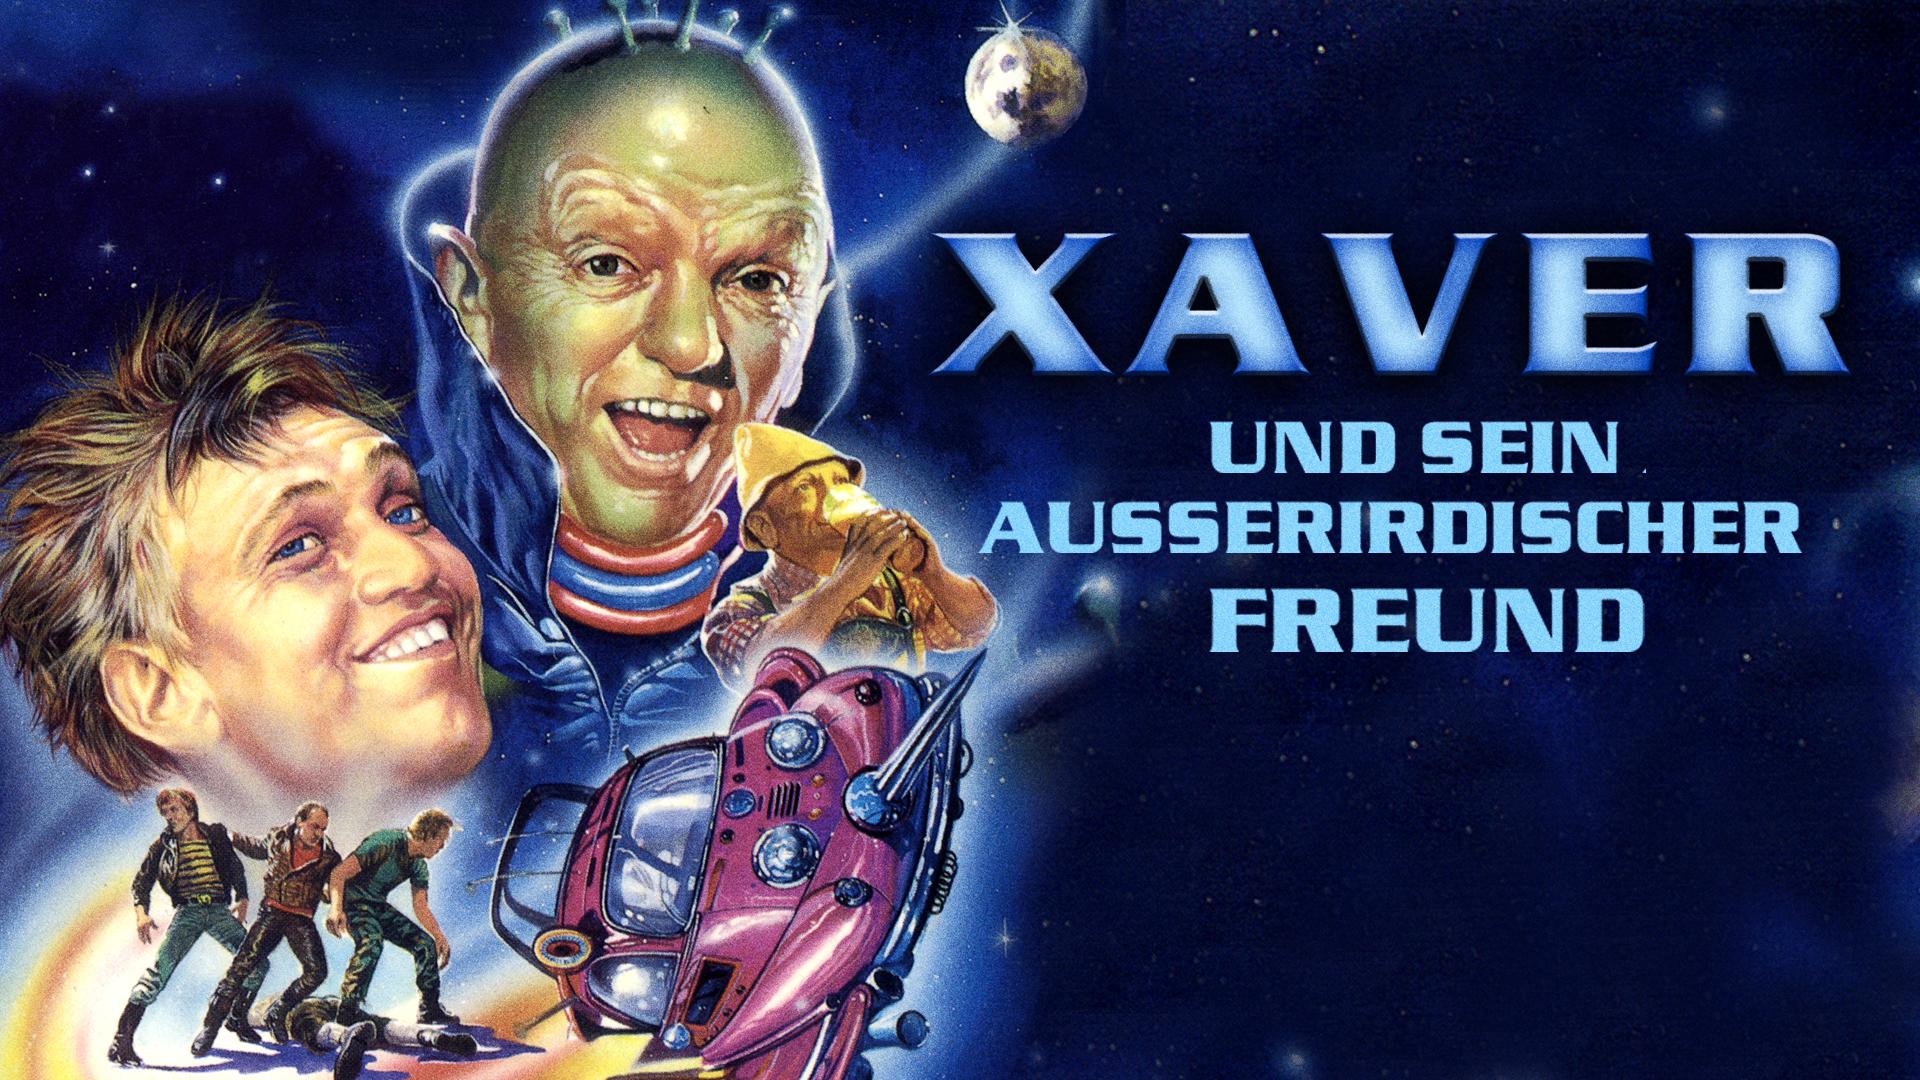 Xaver und sein außerirdischer Freund